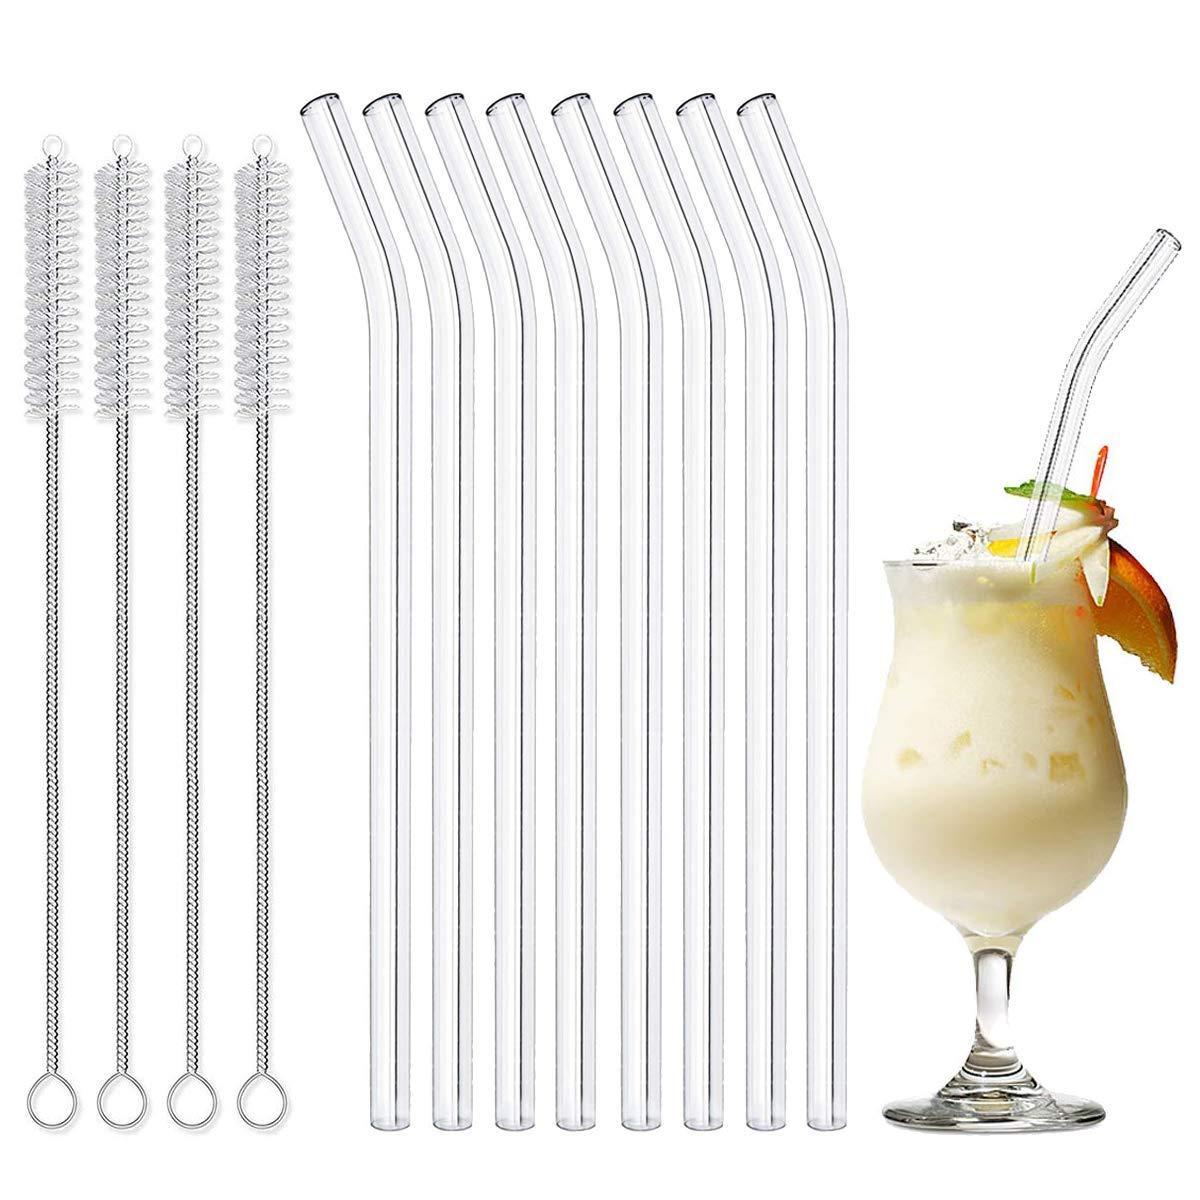 LAKIND Glas Strohhalm Wiederverwendbar Glas Trinkhalme Eco Nachhaltige Strohhalme f/ür Cocktail Smoothie Tee Gerade Strohhalme 8 St/ück 8er Set Mit 4 Reinigungsb/ürsten